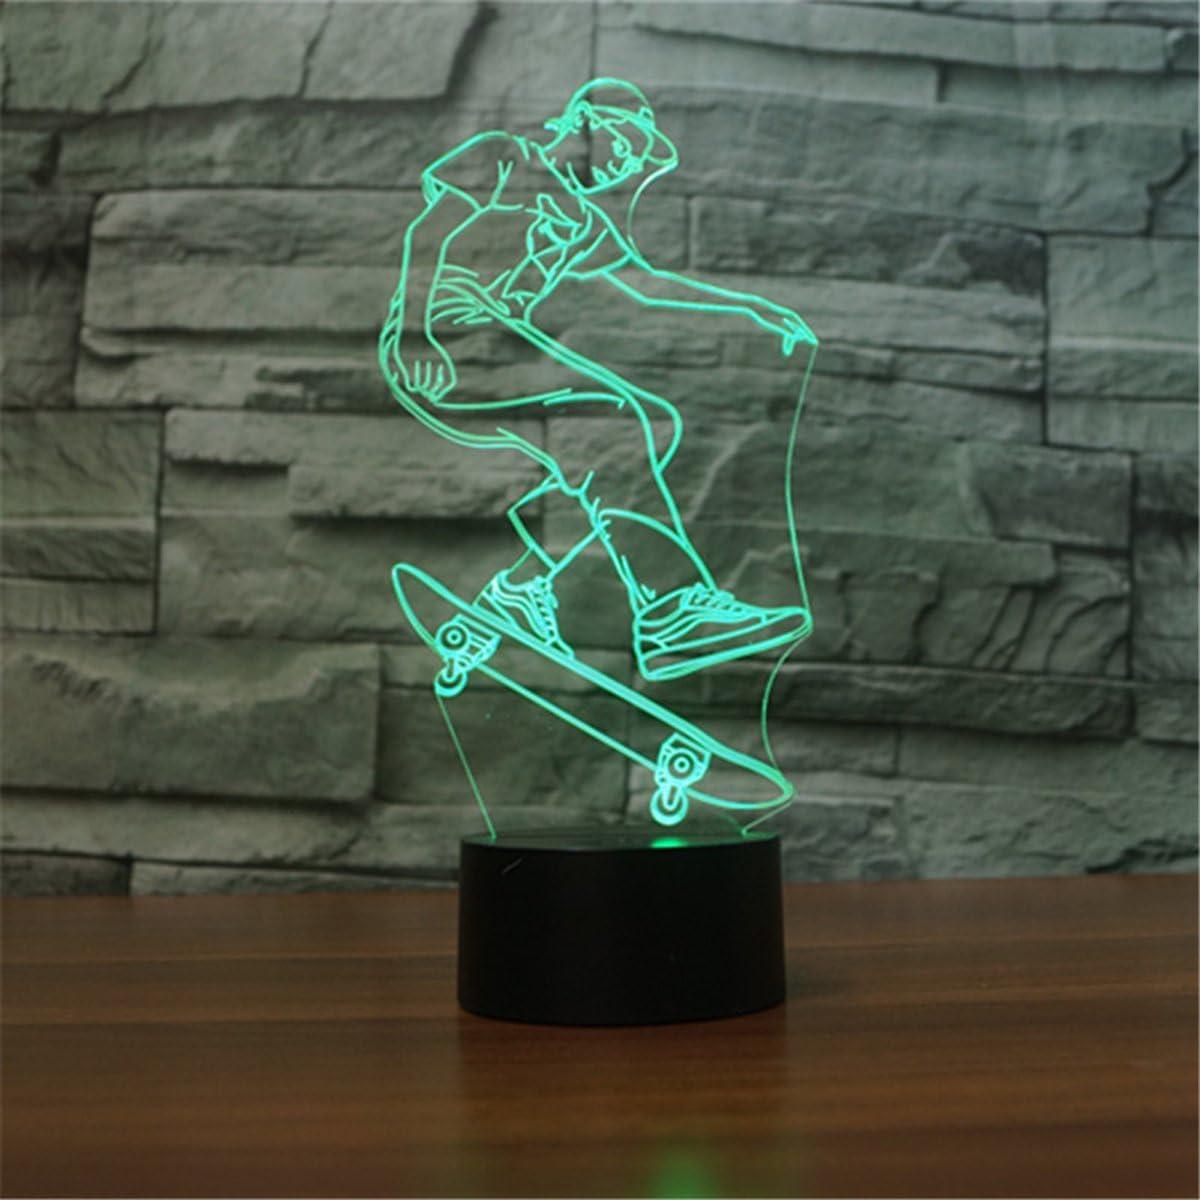 Bailarina 3D L/ámpara /óptico Illusions Luz Nocturna,KINGCOO L/ámpara de Mesa Luces de Noche 7 Color Cambio USB T/áctil LED Table Ambiente L/ámpara de Escritorio para Decoraci/ón del Hogar